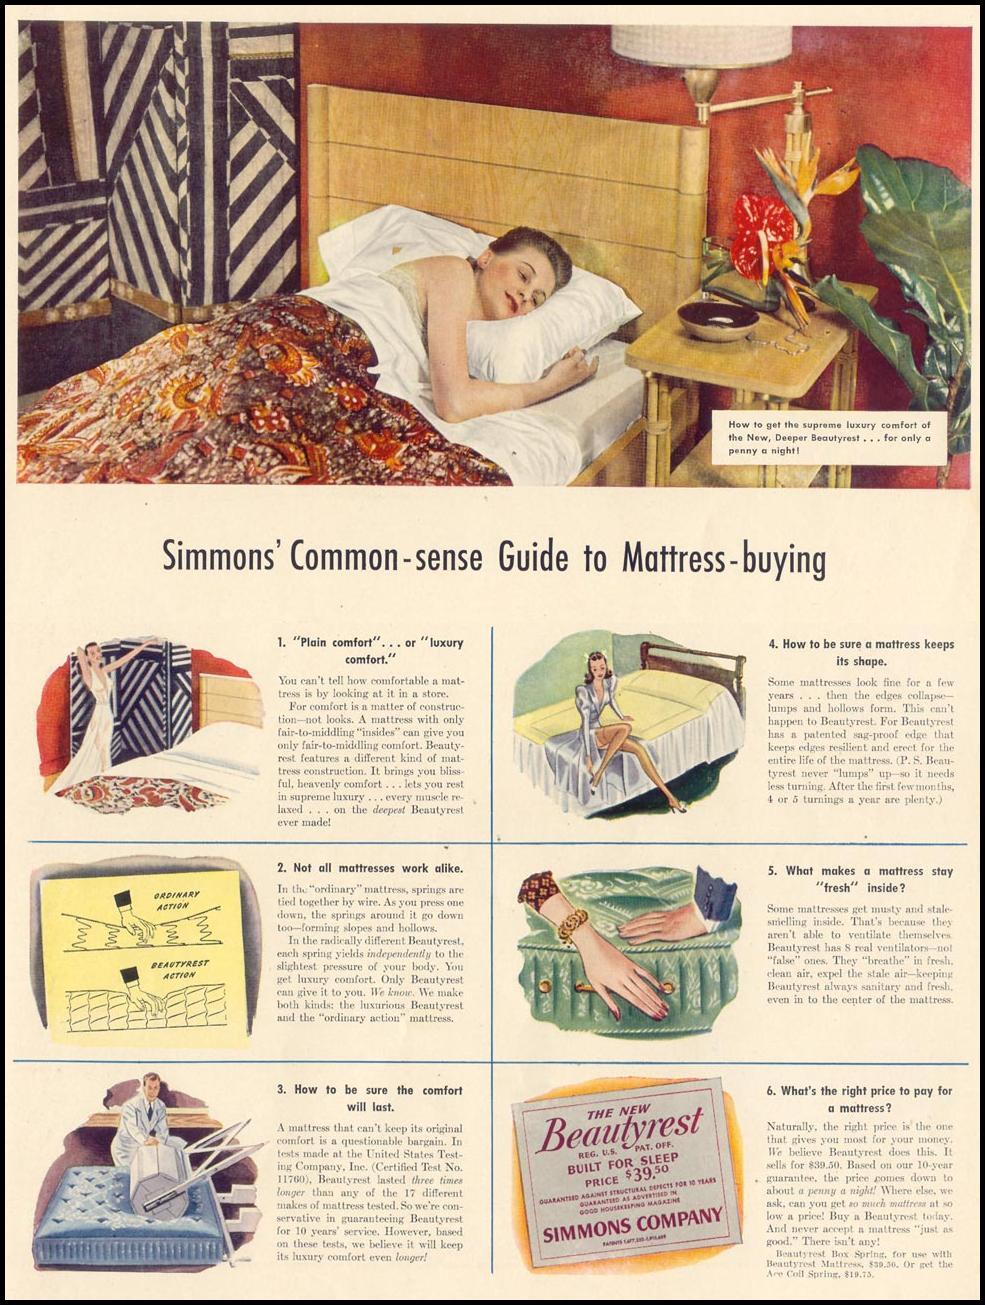 SIMMONS BEAUTYREST MATTRESS LIFE 09/30/1940